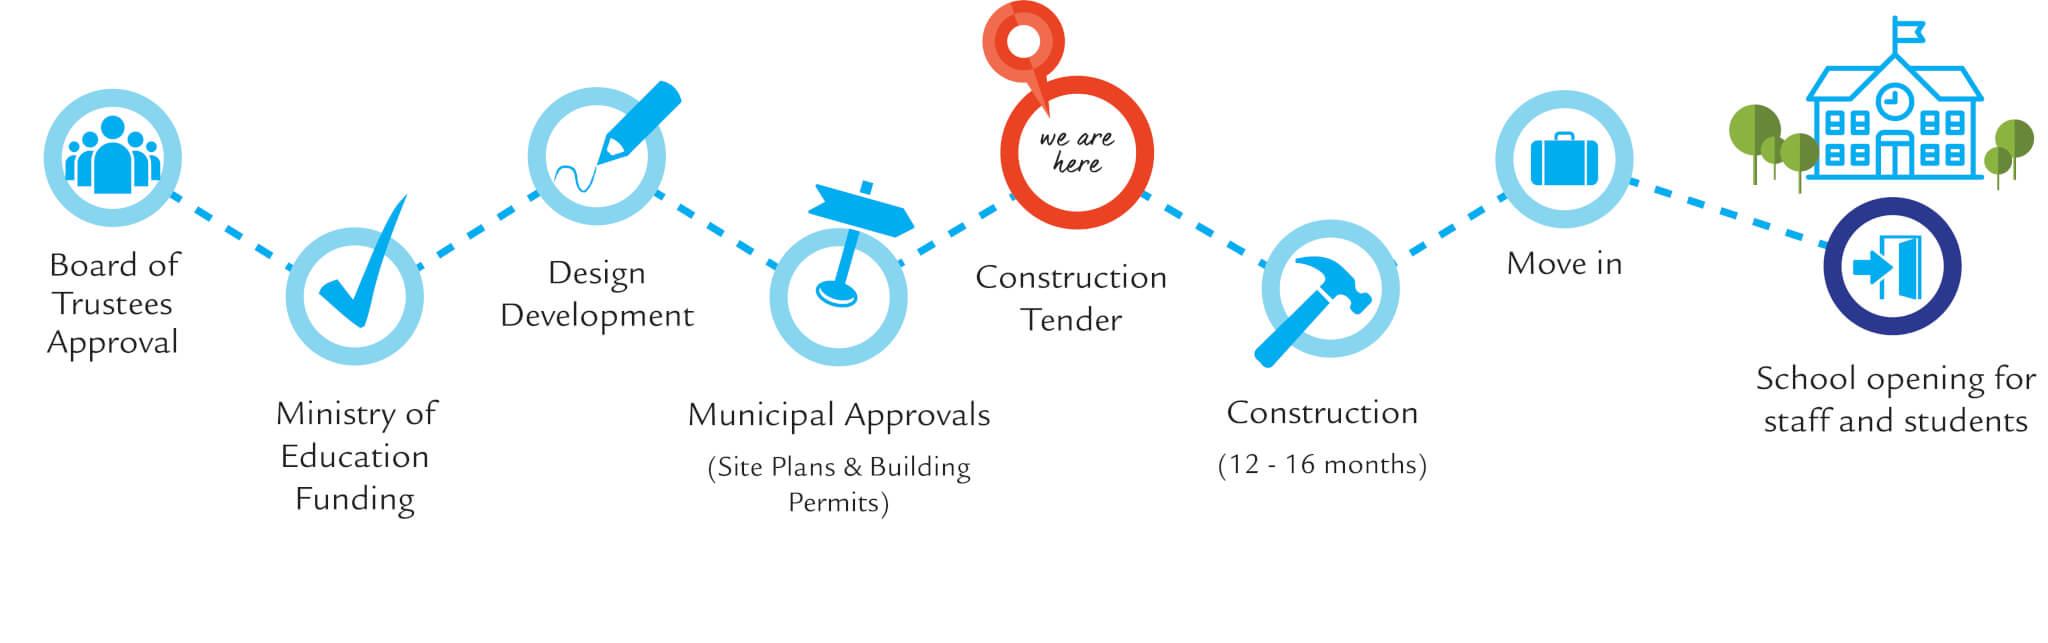 Construction Tender